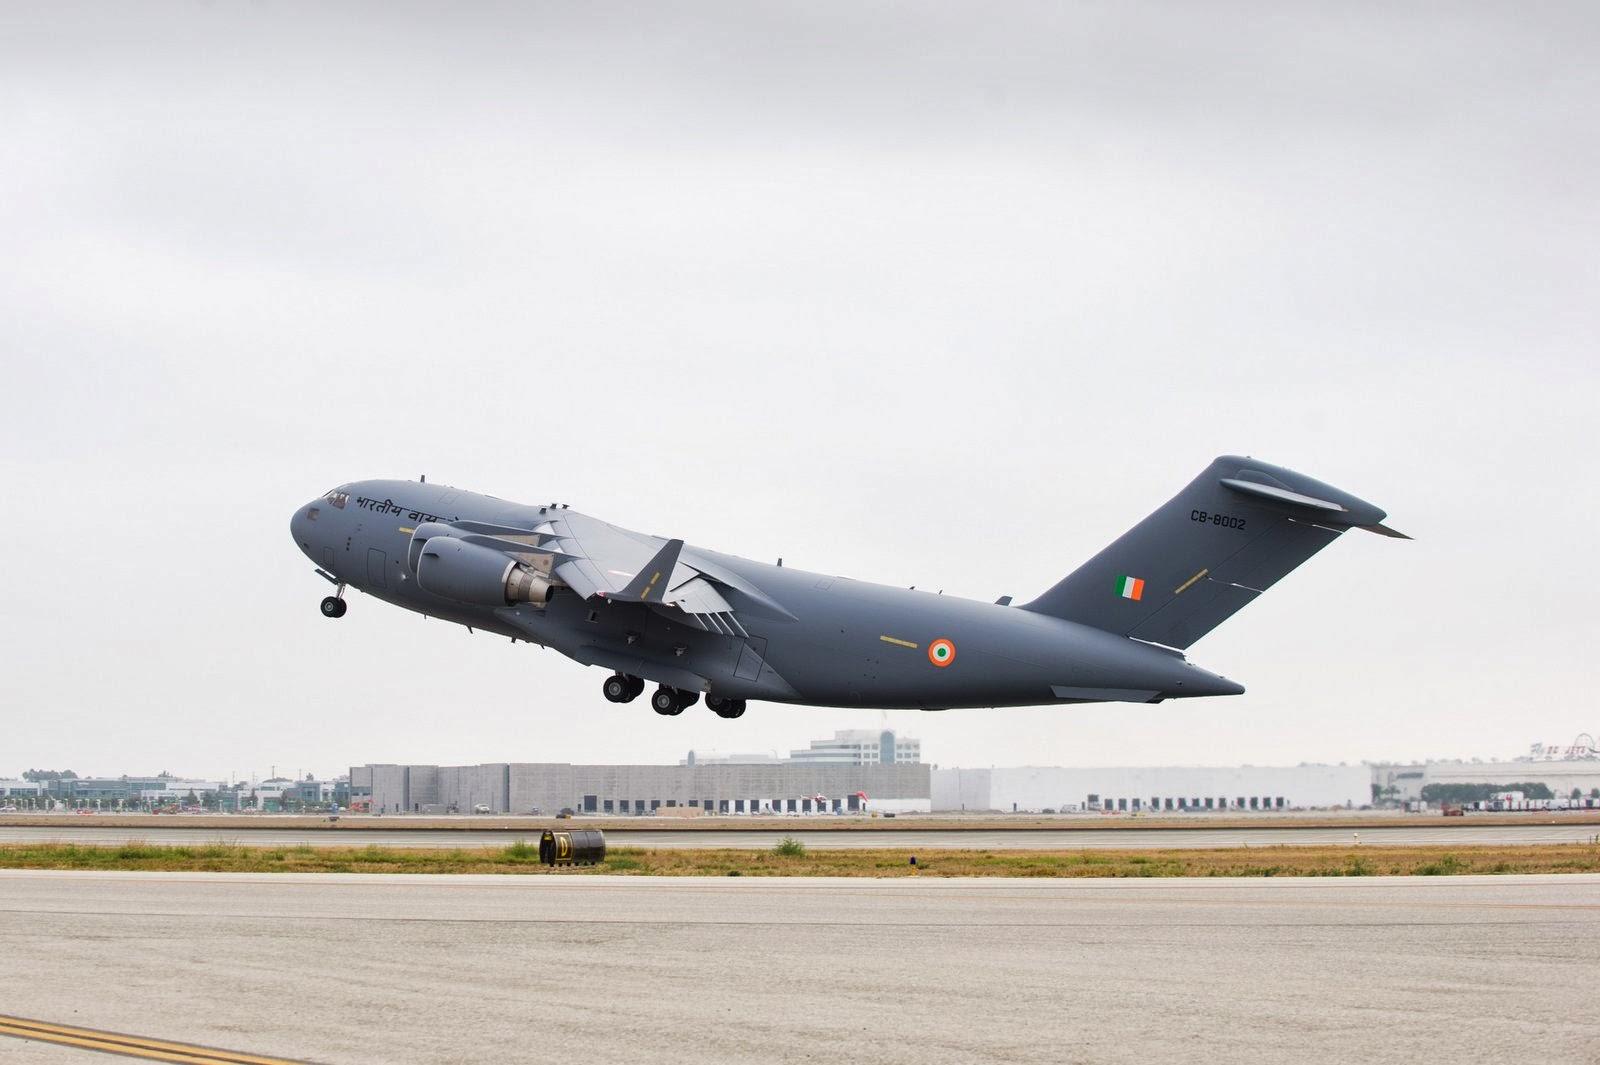 Enquanto isso no outro BRICS II: Índia recebe segunda aeronave C 17